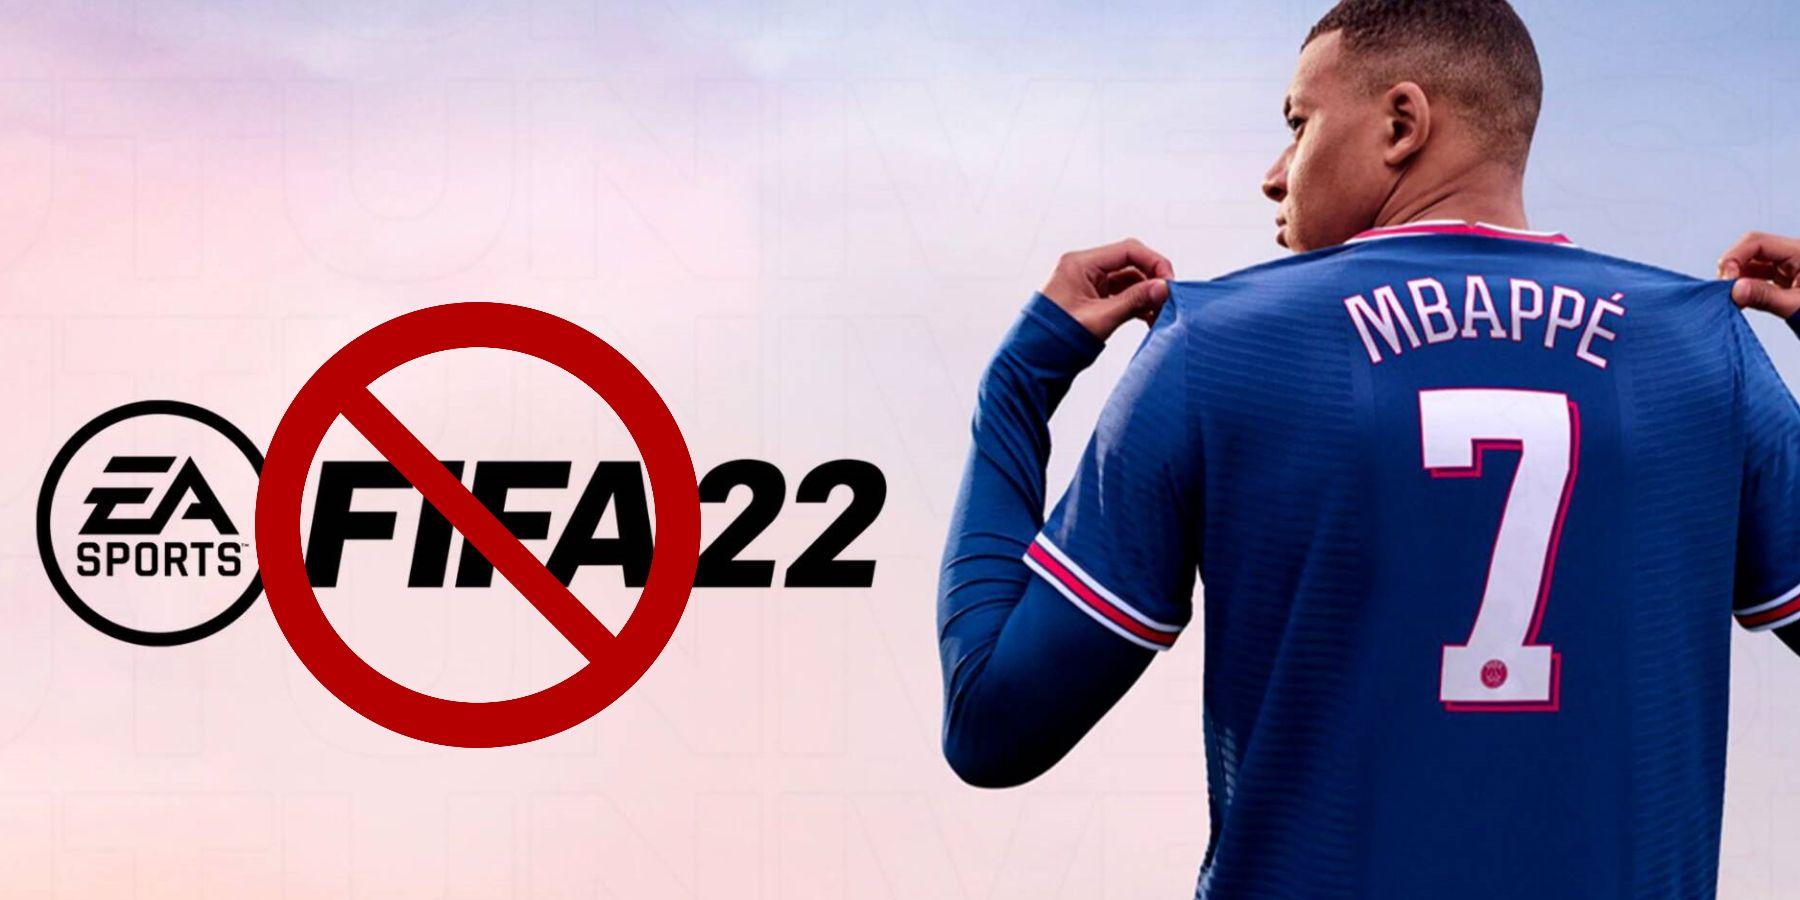 fifa 22 ea sports four billion